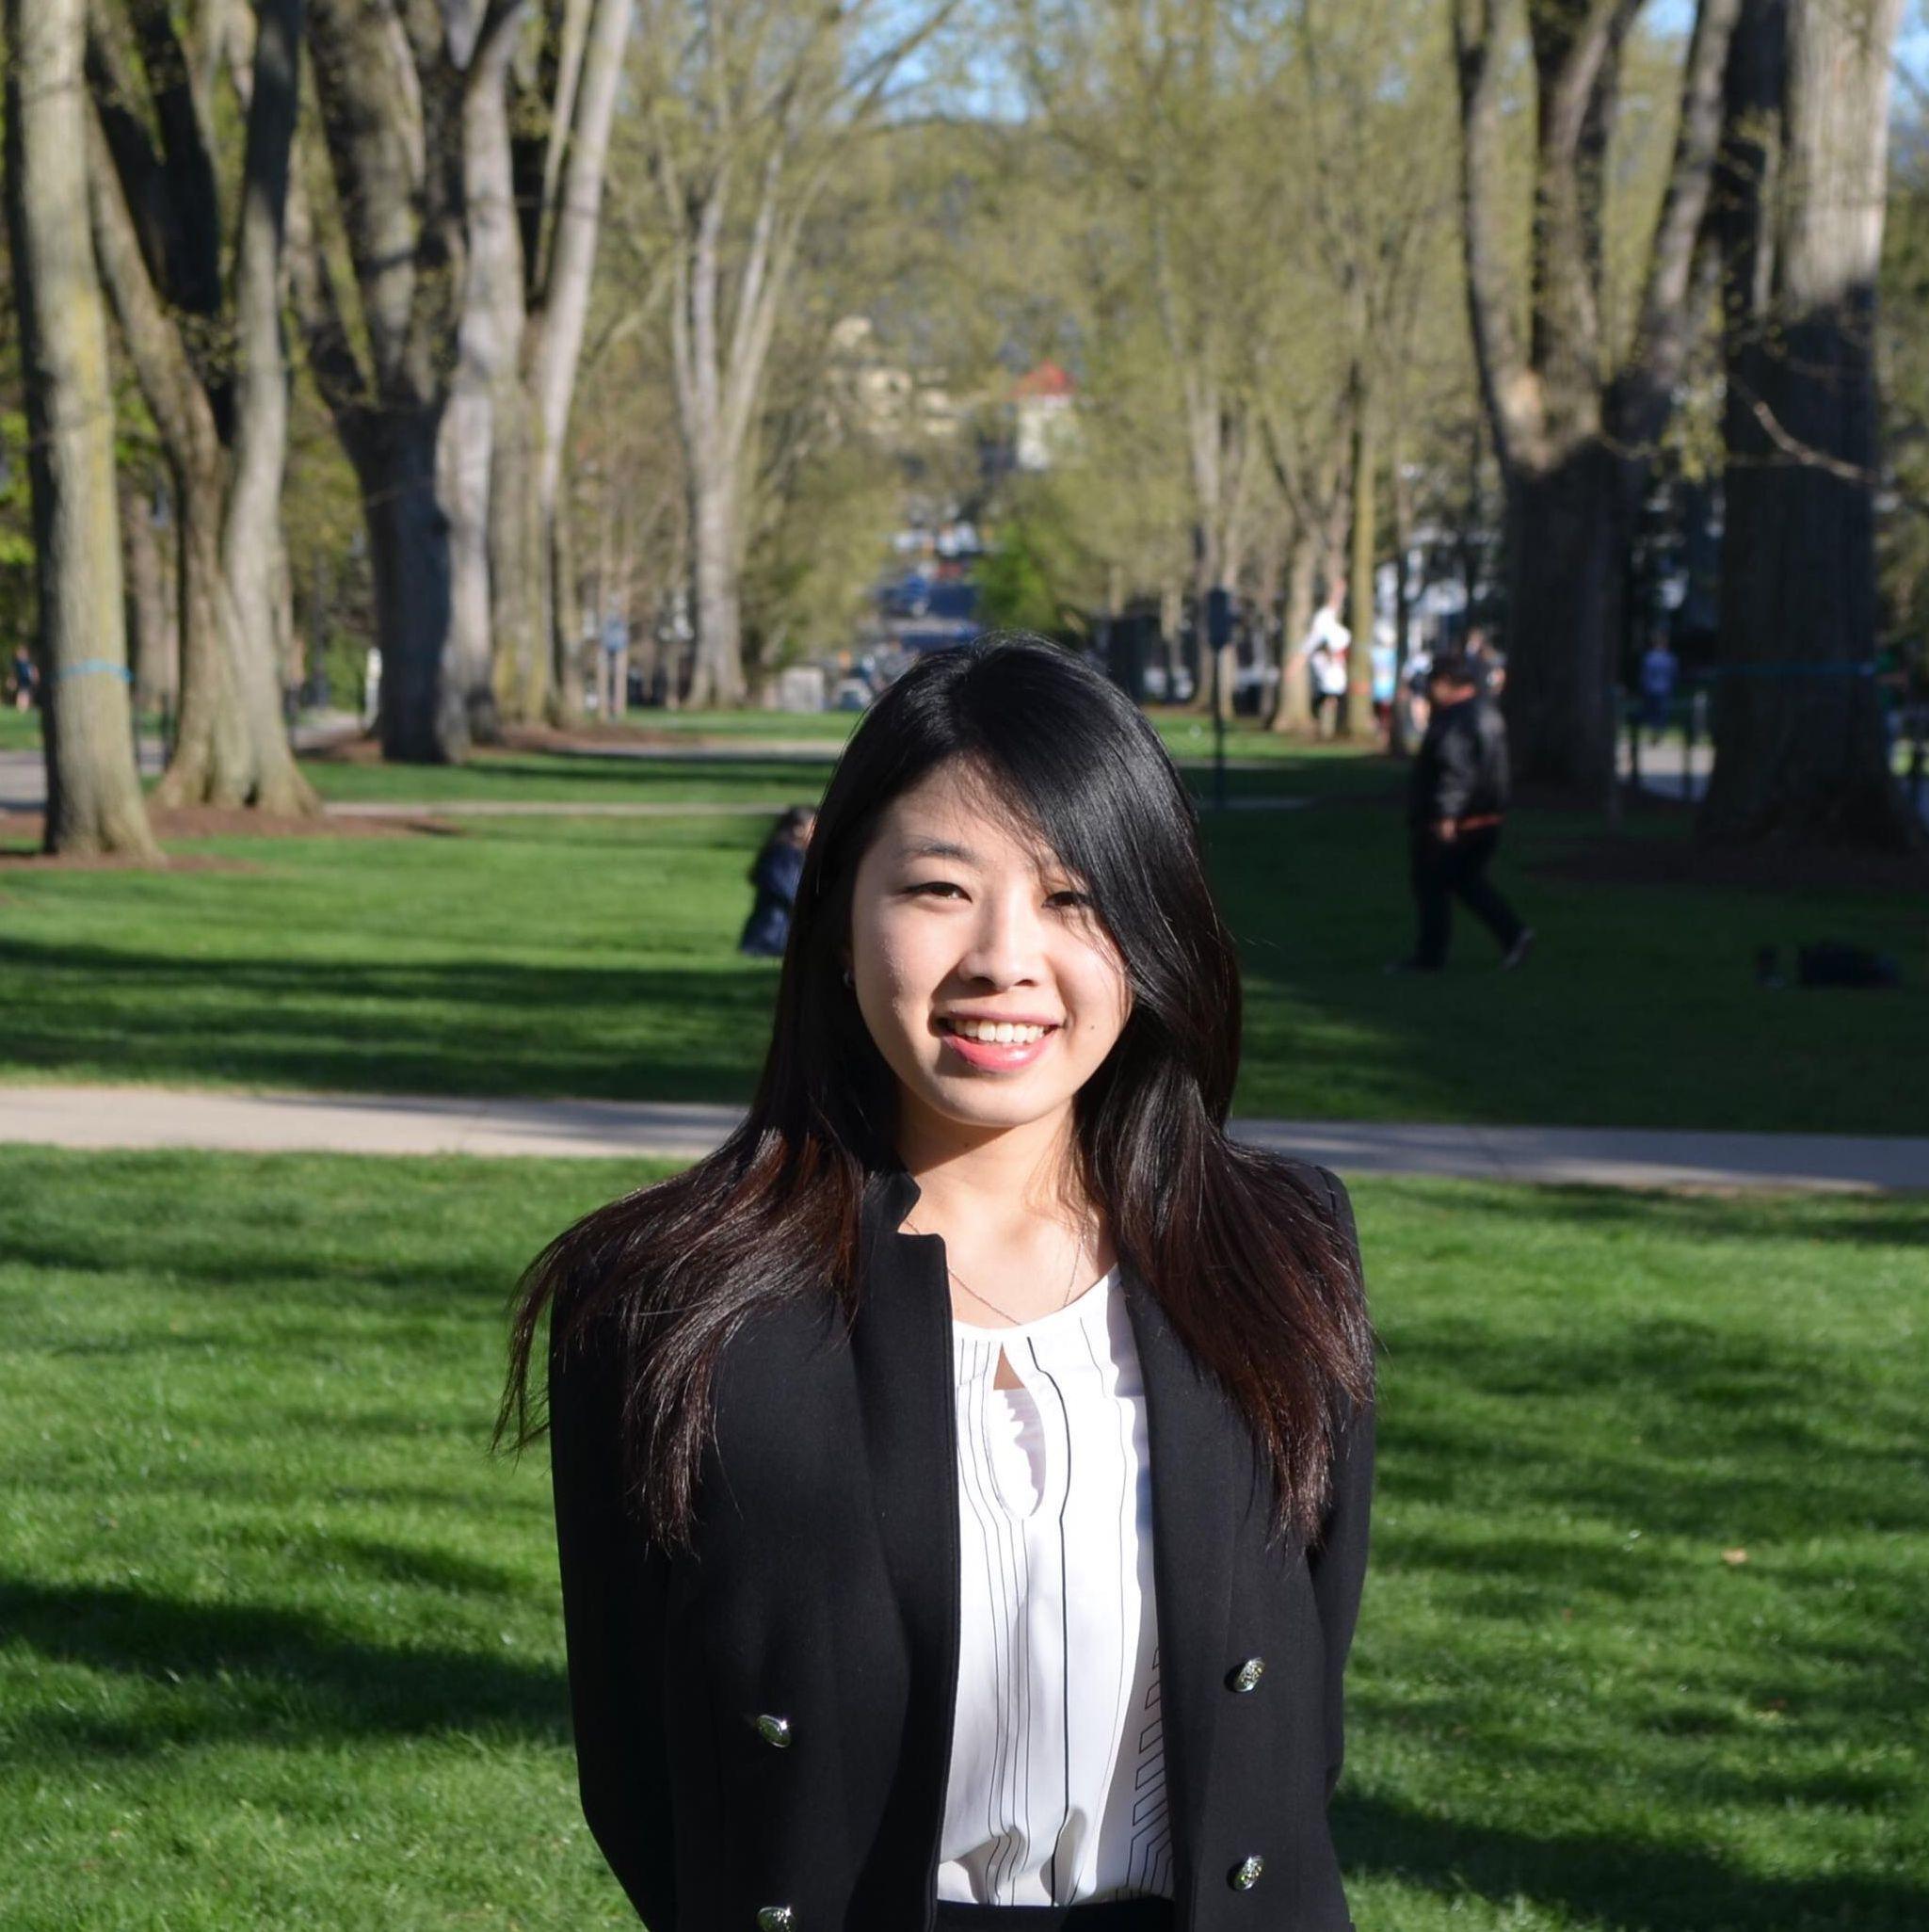 Profile picture for user carmenl